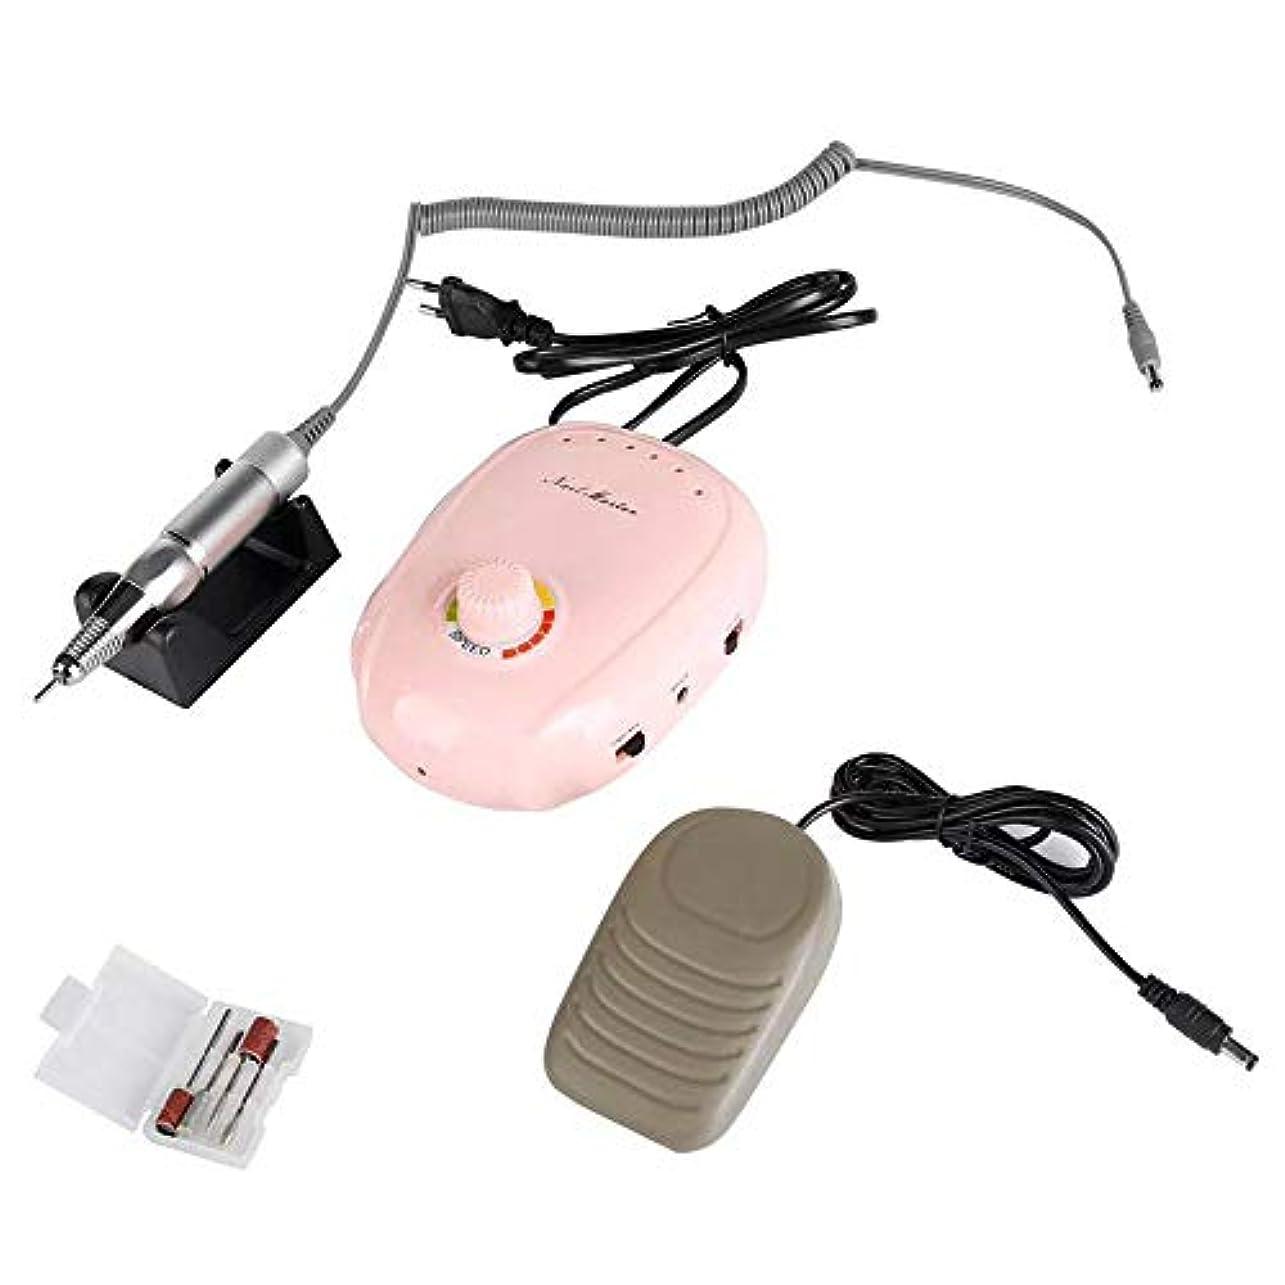 聴覚名声マットレス釘のドリル機械、アクリルのための専門の再充電可能な携帯用釘のドリルのアクリルの釘機械電気釘ファイル